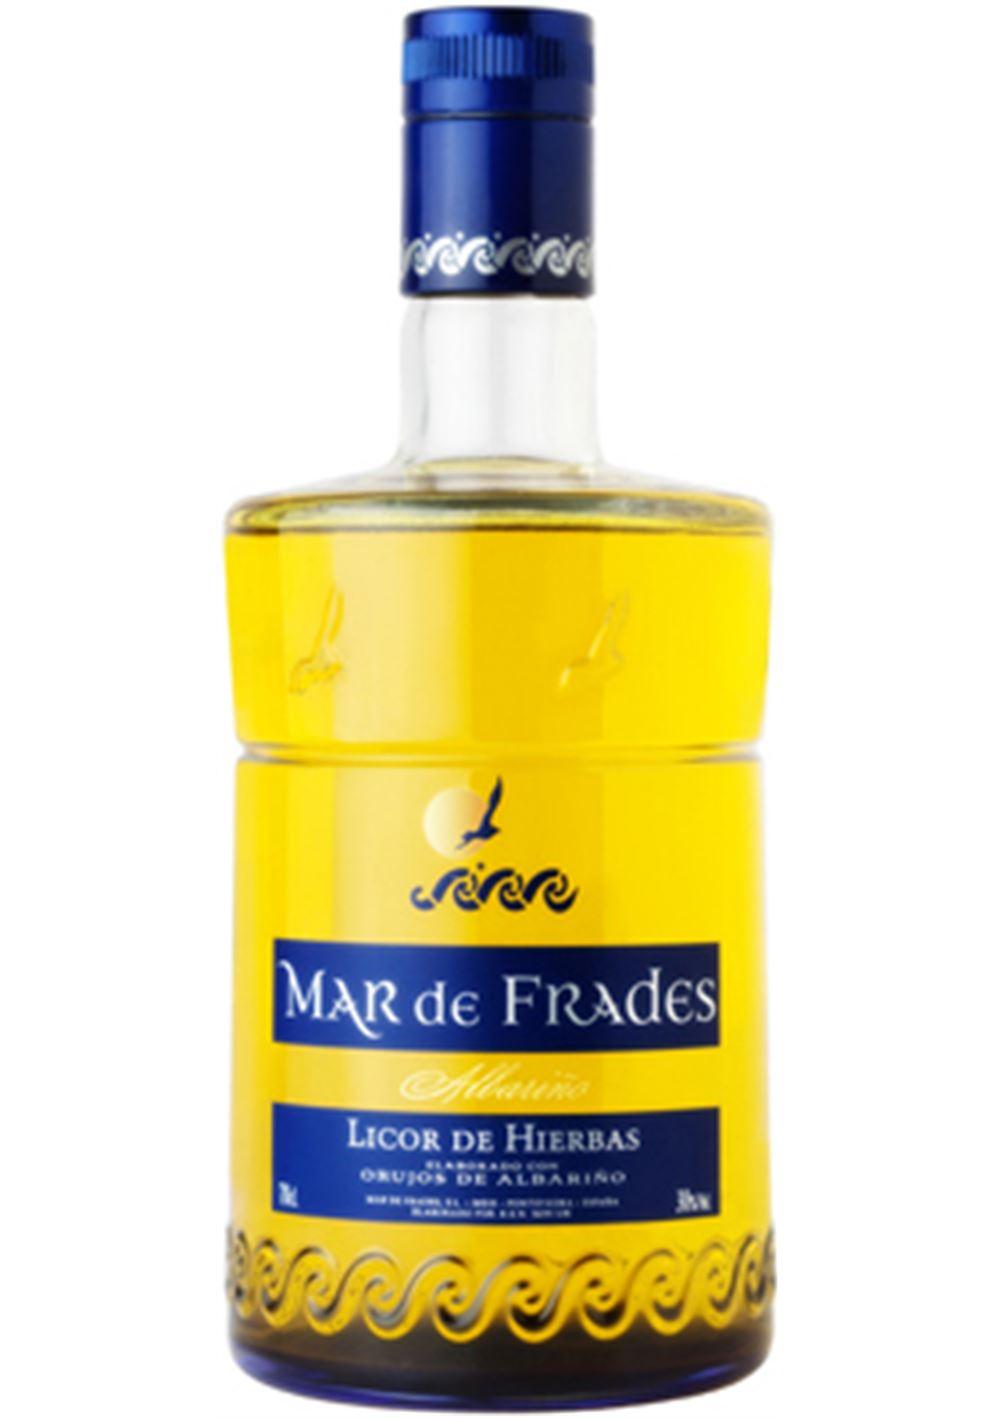 MAR DE FRADES HIERBAS